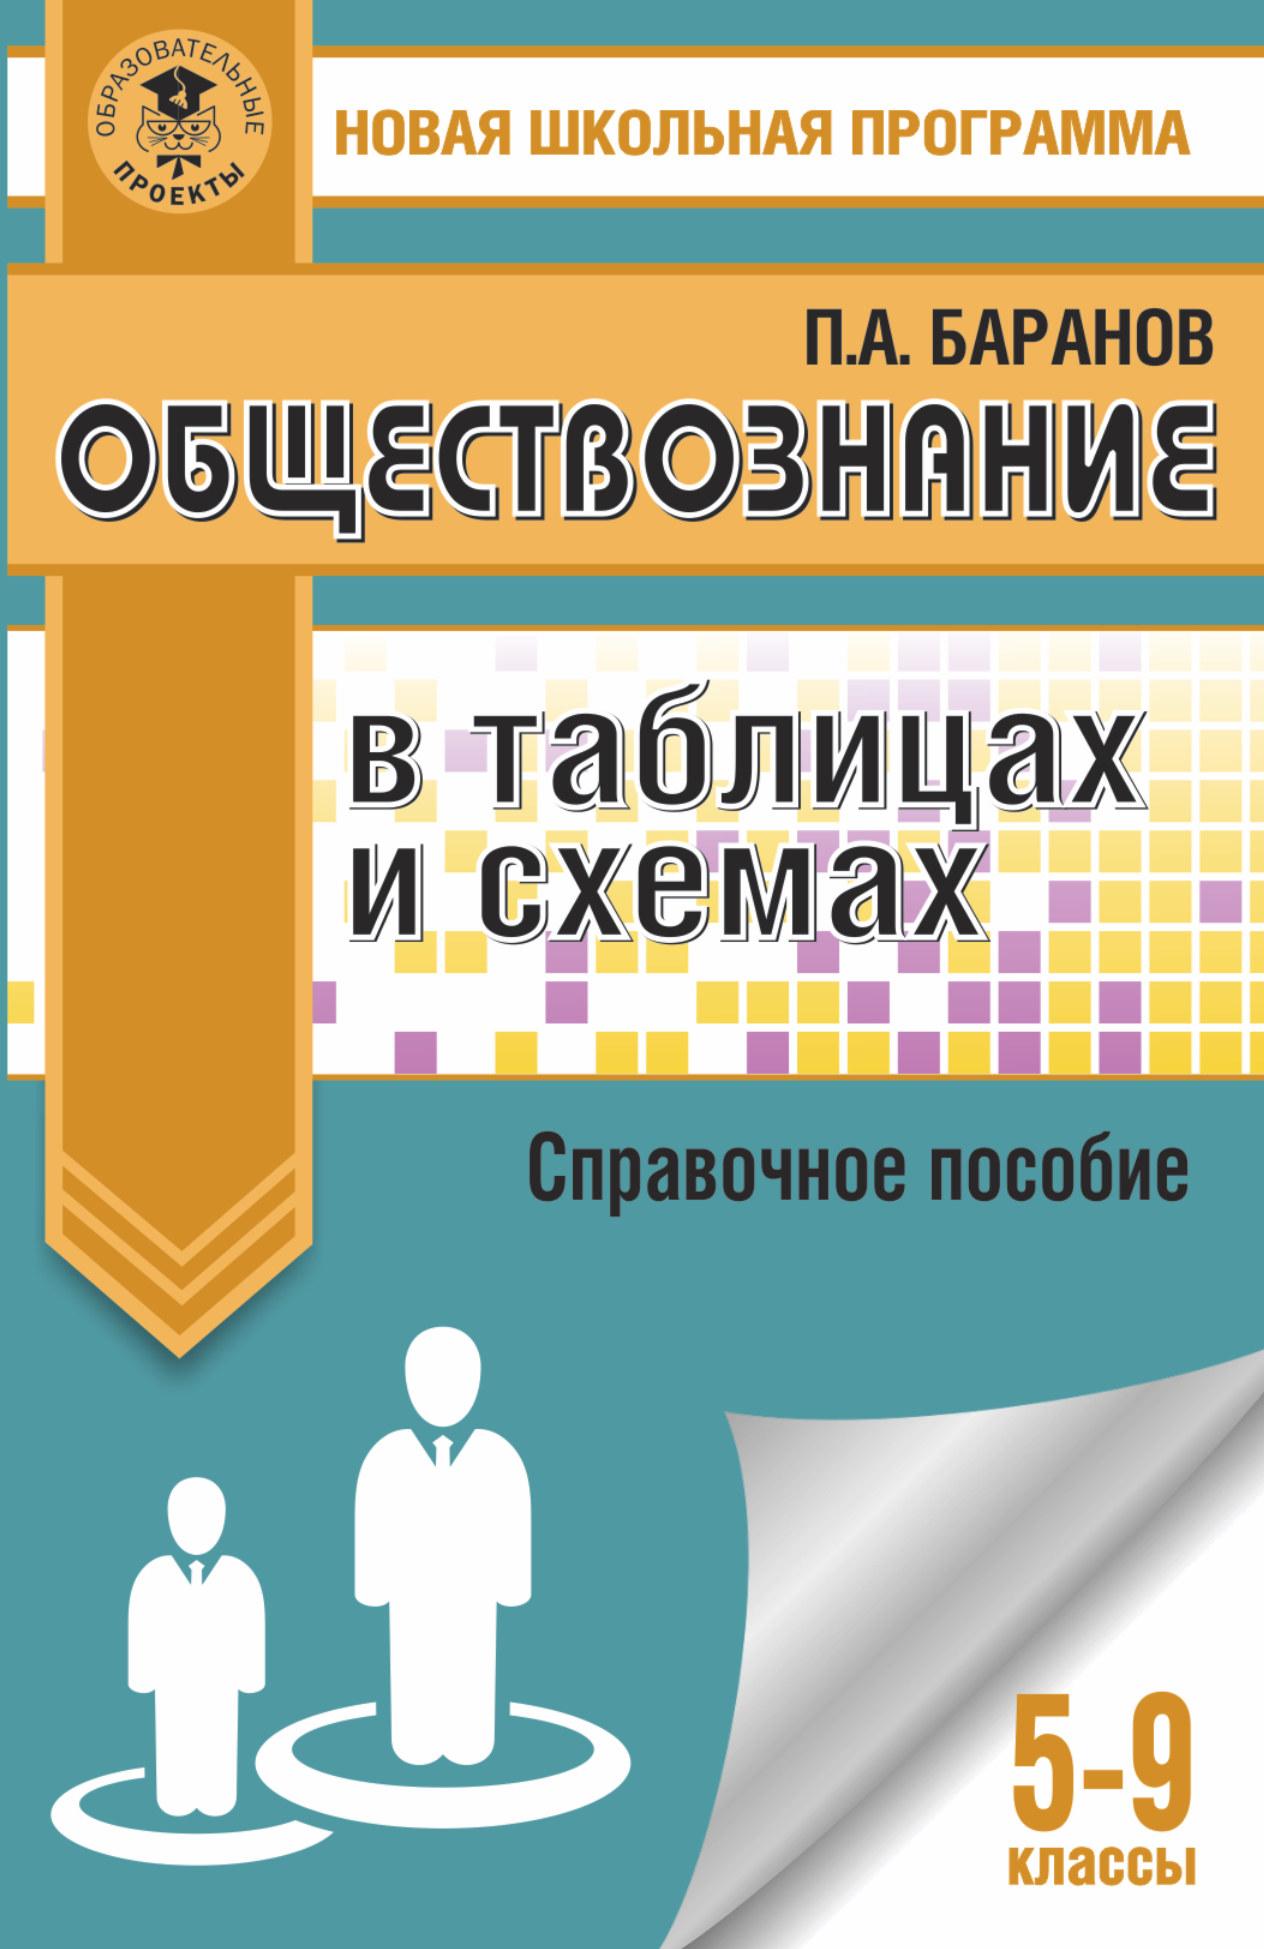 Обществознание в таблицах и схемах. Справочное пособие. 5-9 классы от book24.ru